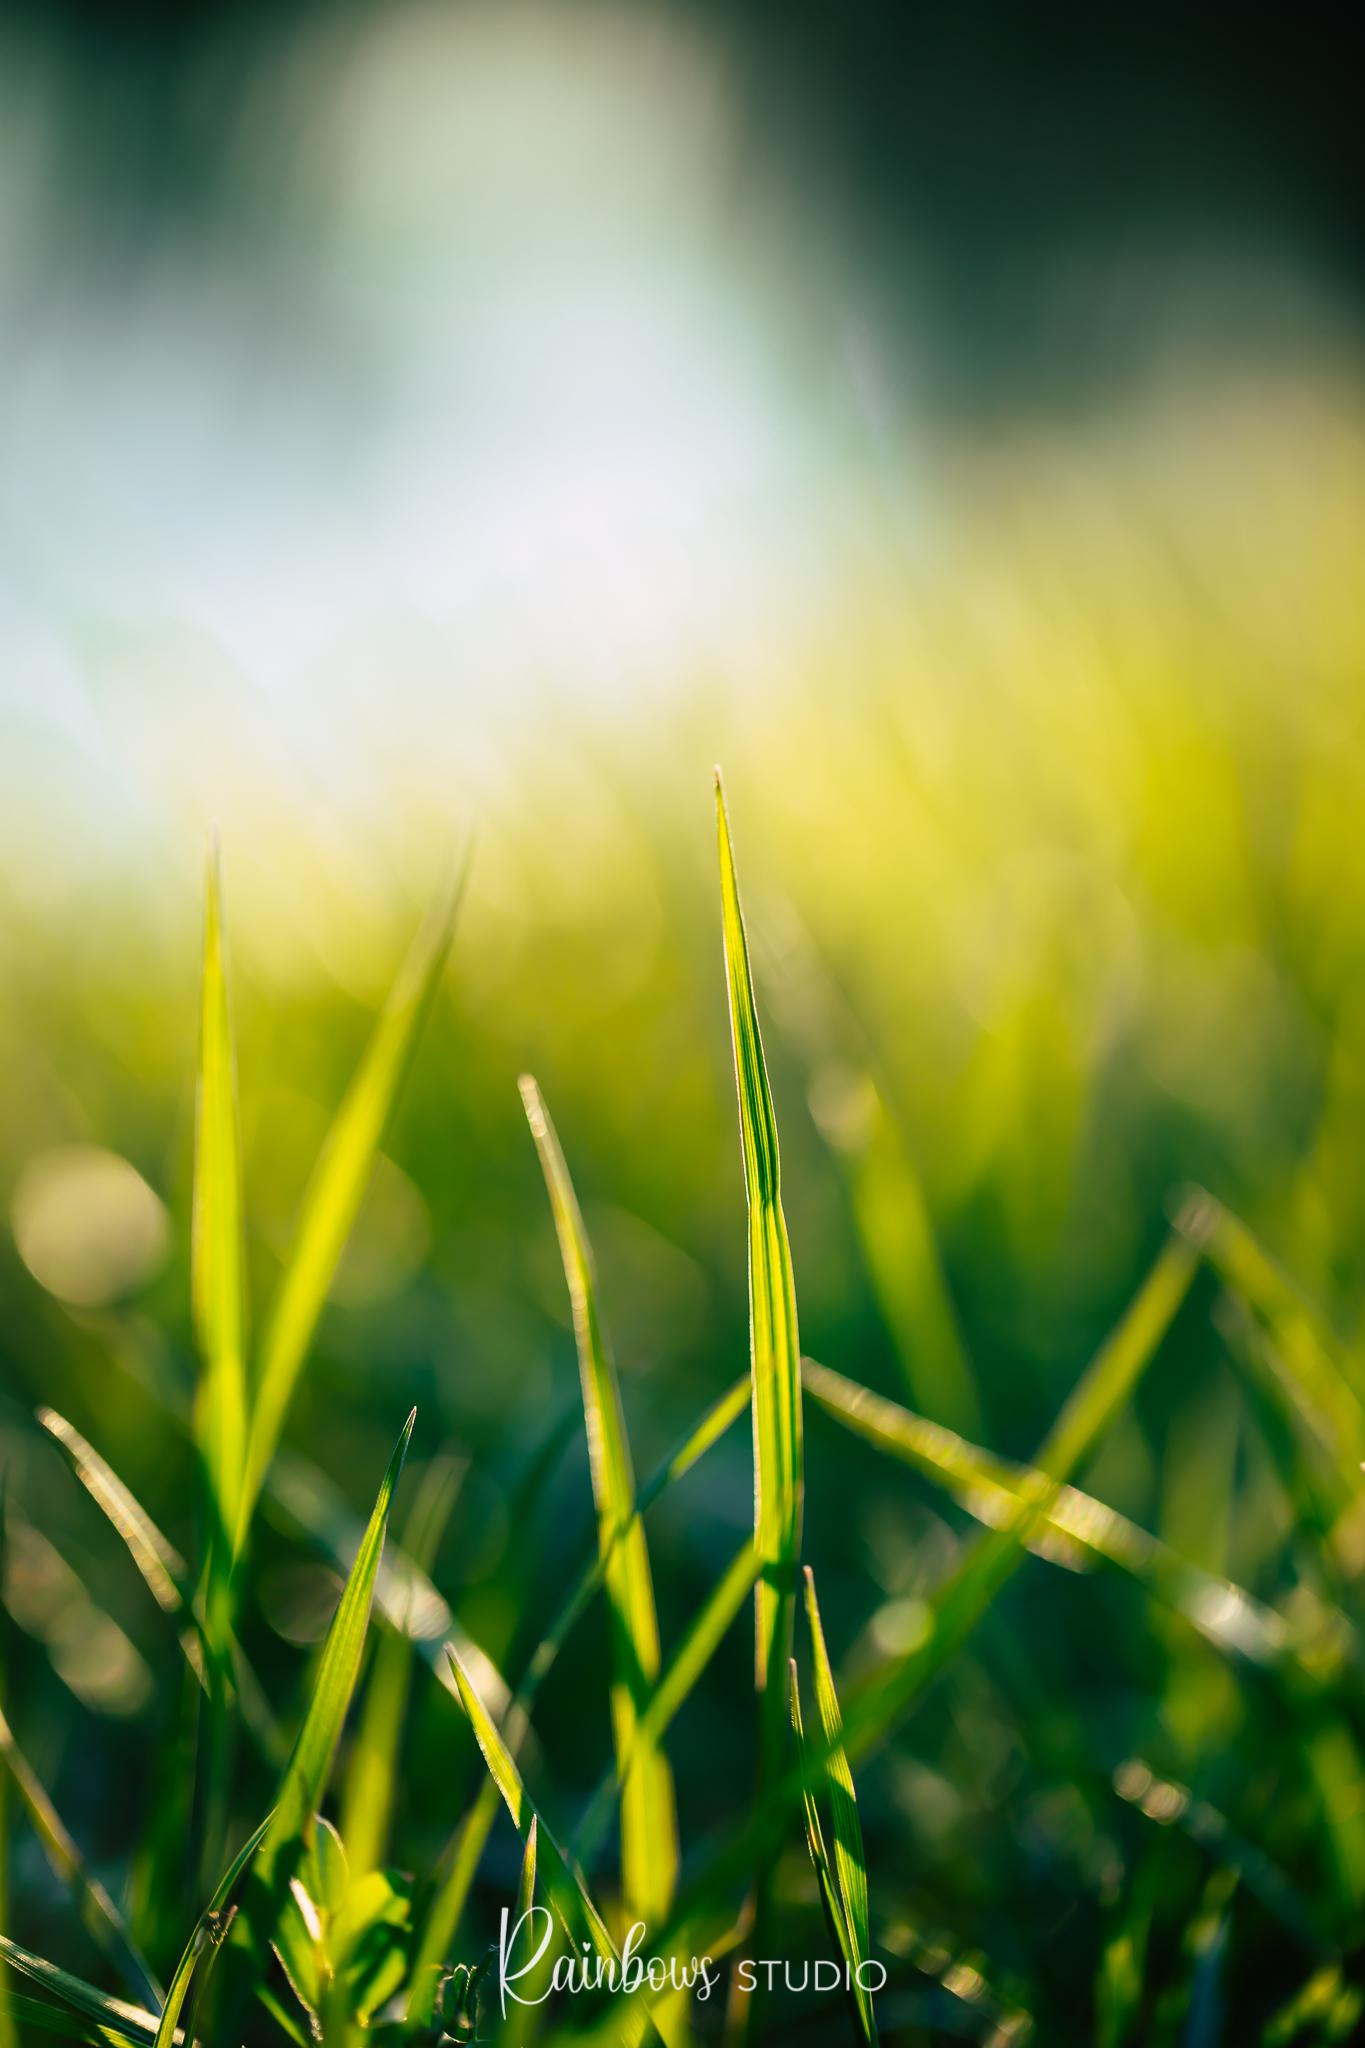 Gras groener aan de overkant  - Is het zo? Is het gras echt groener aan de overkant? Dit gras is wel degelijk groener dan het gras in onze tuin. Maar komt dat door het licht inval?  - foto door kyanivullings op 16-04-2021 - locatie: 3150 Haacht, België - deze foto bevat: gras, groen, dof, bokeh, macro, detail, natuur, landschap, buiten, zon, water, mensen in de natuur, fabriek, natuurlijk landschap, terrestrische plant, gras, lucht, grasland, weide, vochtigheid